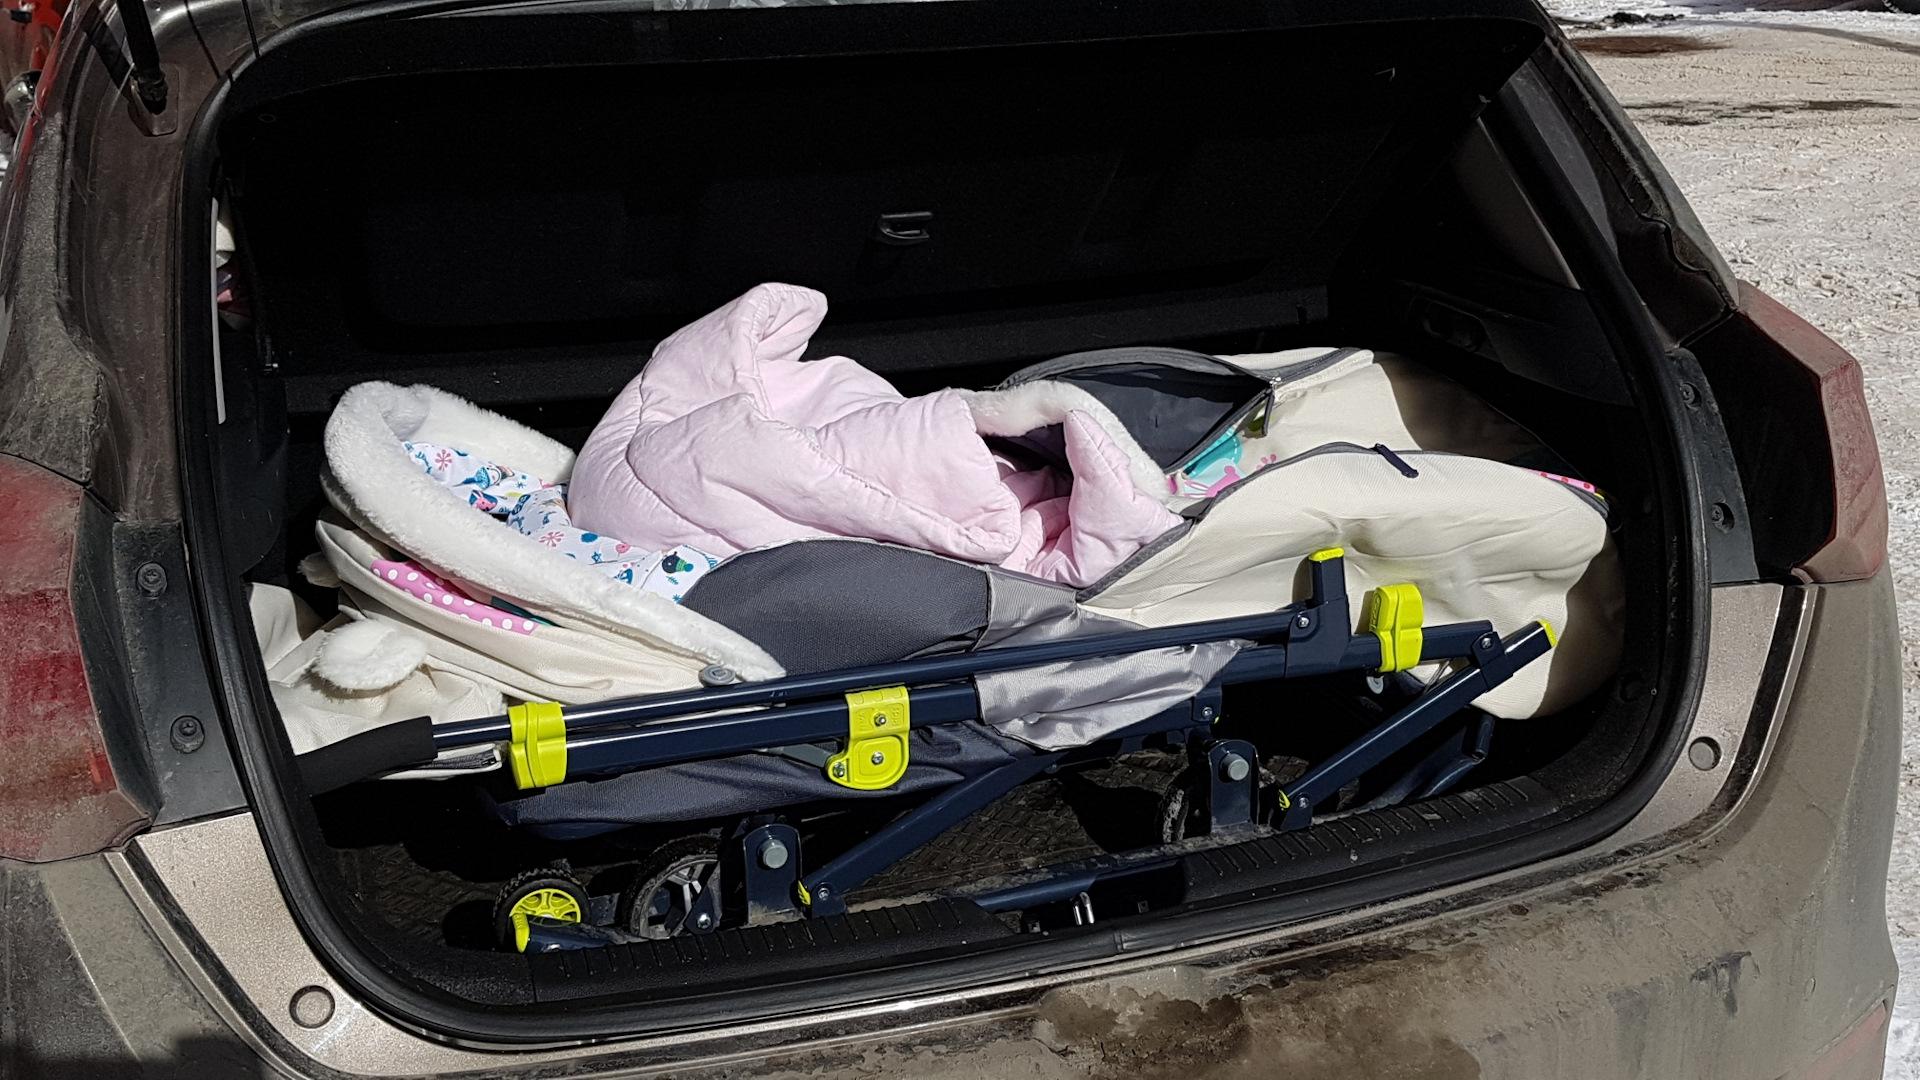 Санки-коляска, готовые к перевозке в машине